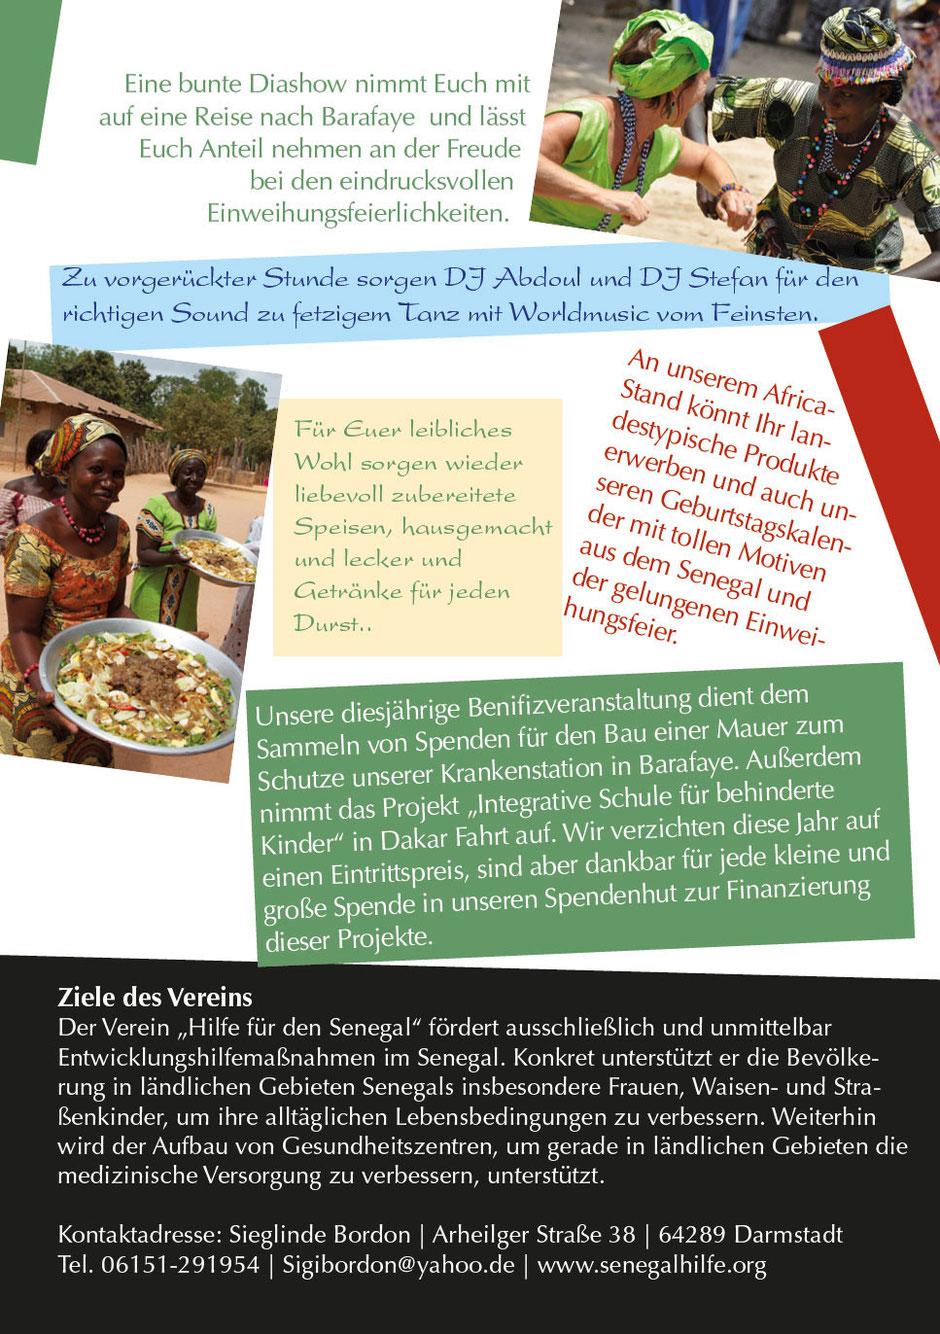 Spenden dank Suppkultur - Hilfe für den Senegal e. V.